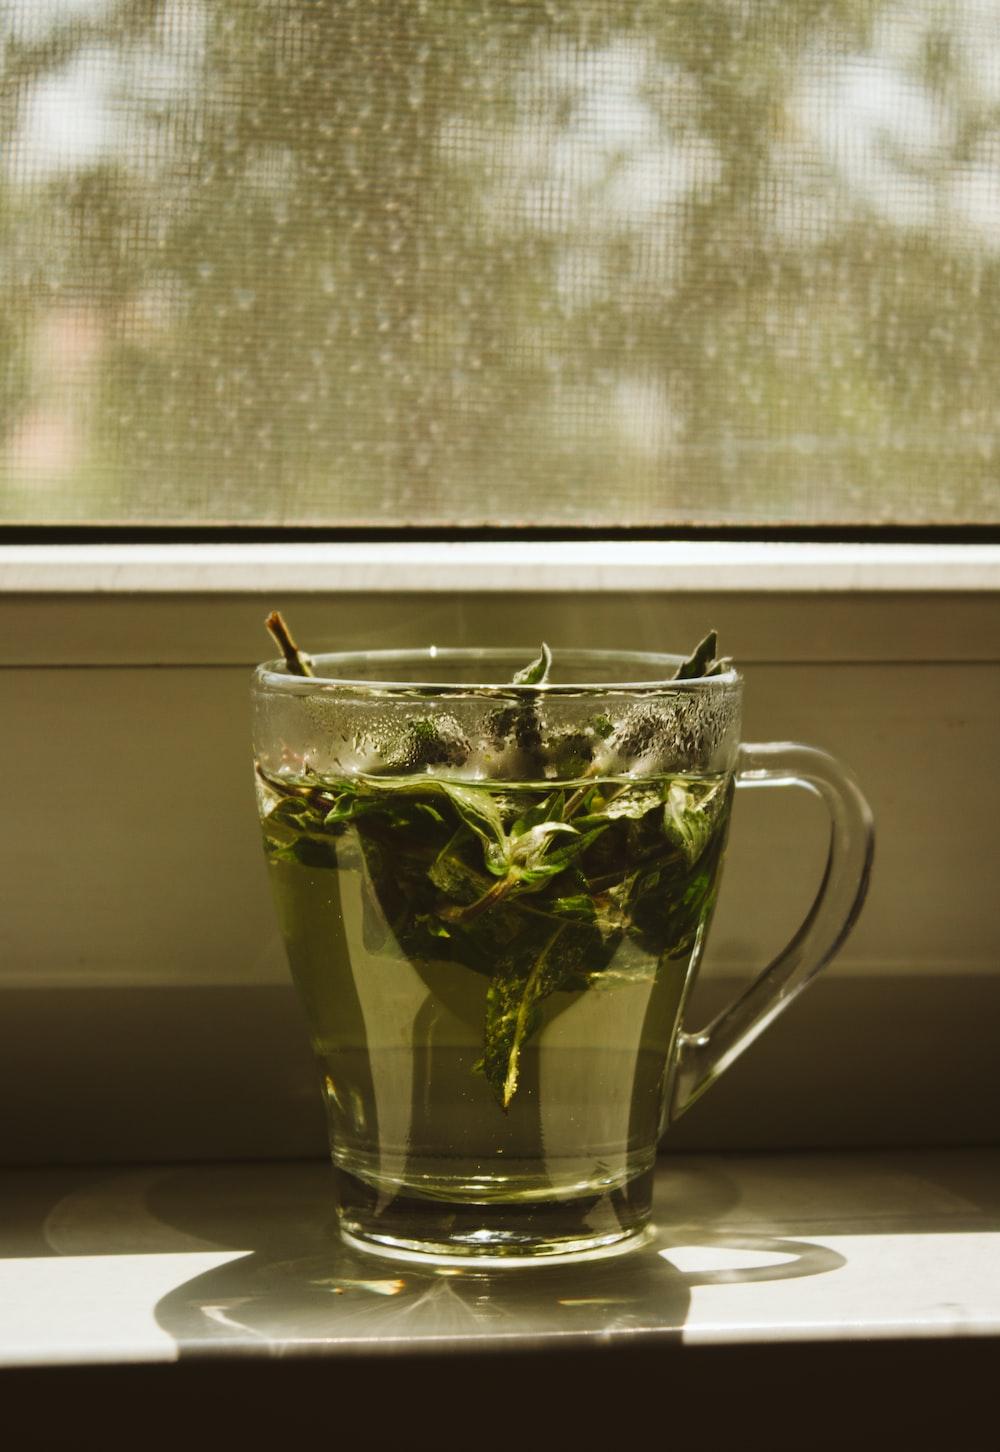 green leaf in clear glass mug